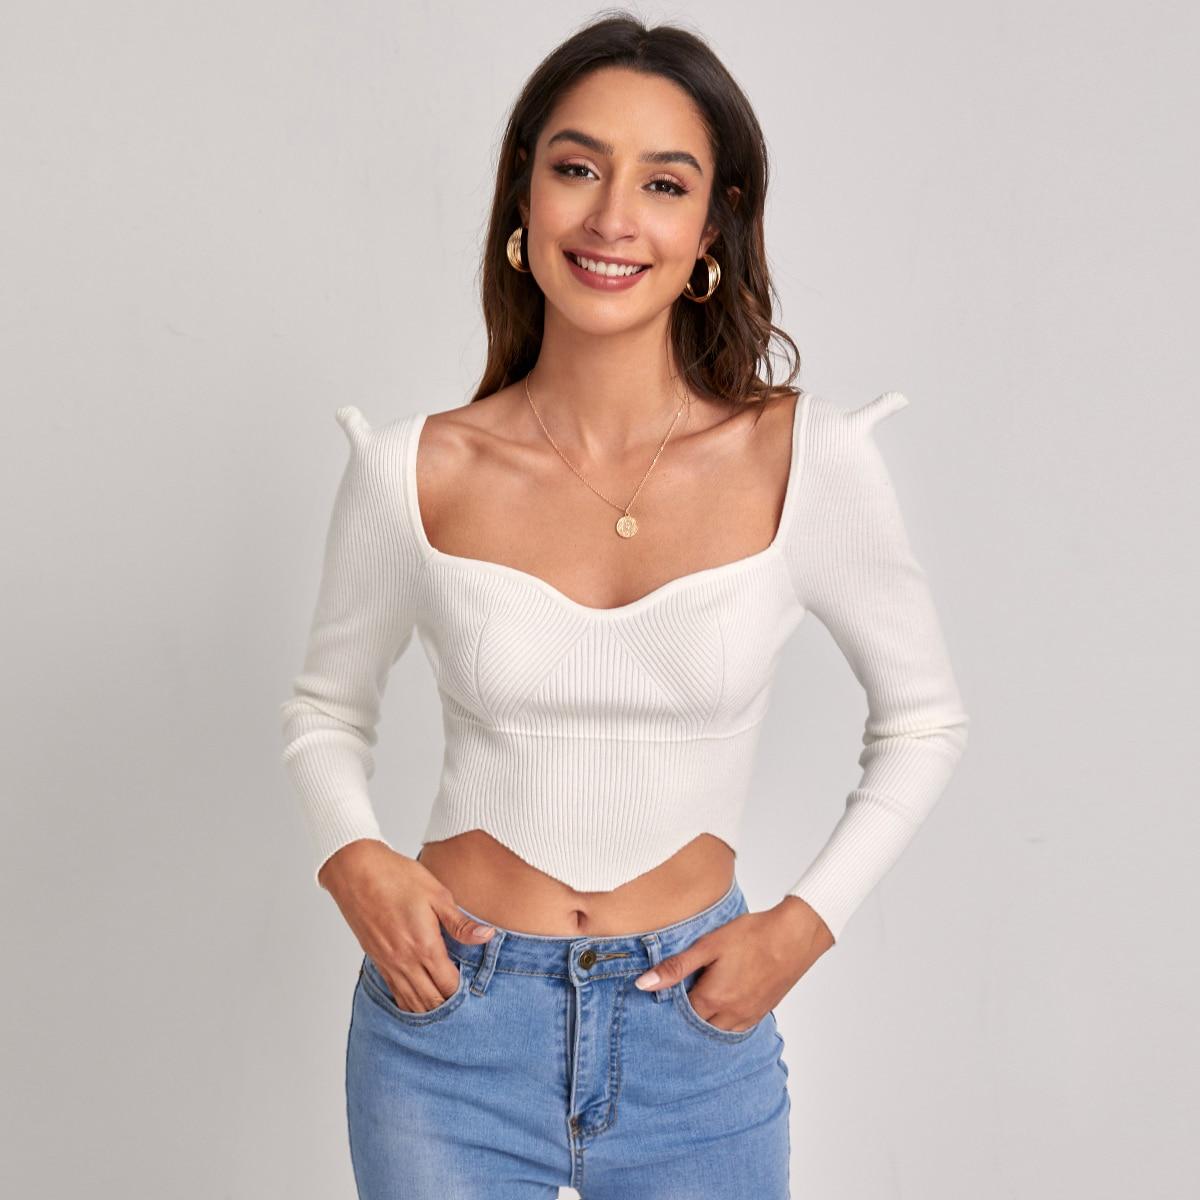 Асимметричный свитер с воротником-сердечком по цене 588